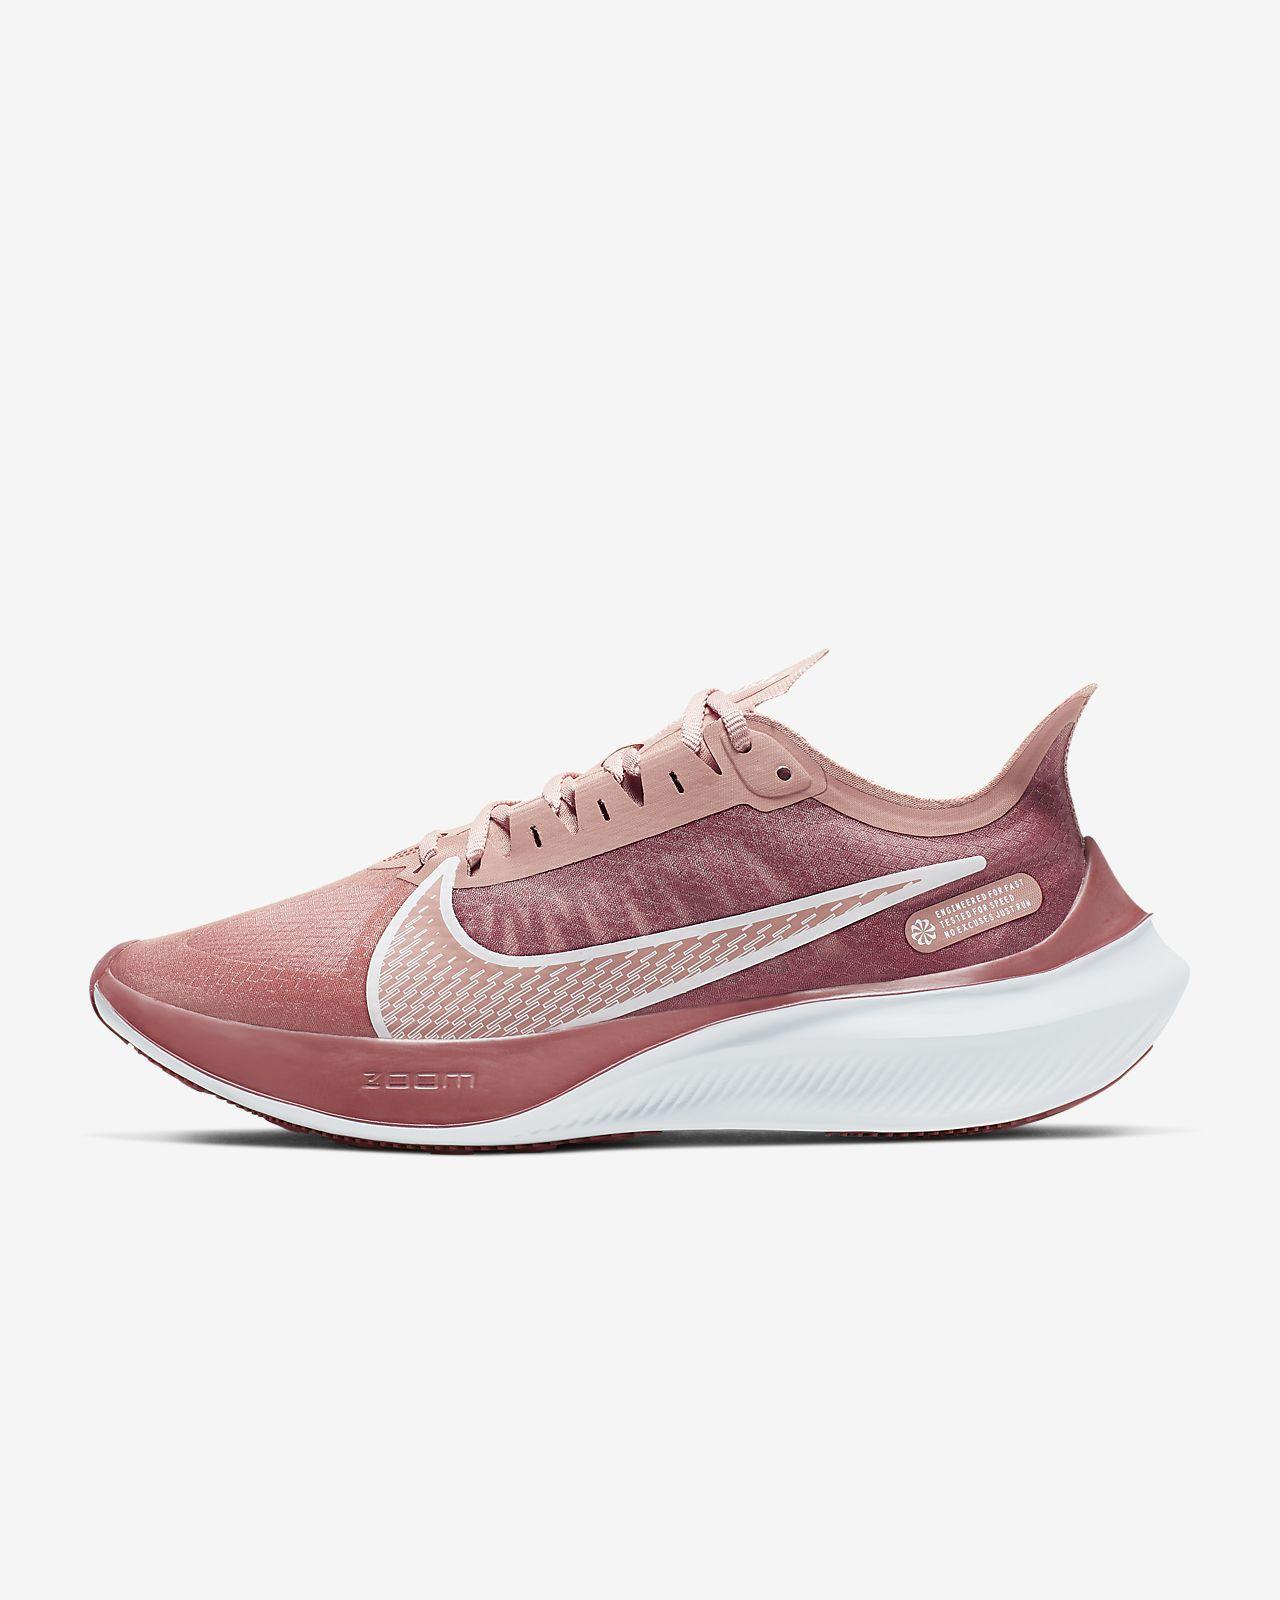 Nike Zoom Gravity Hardloopschoen voor dames